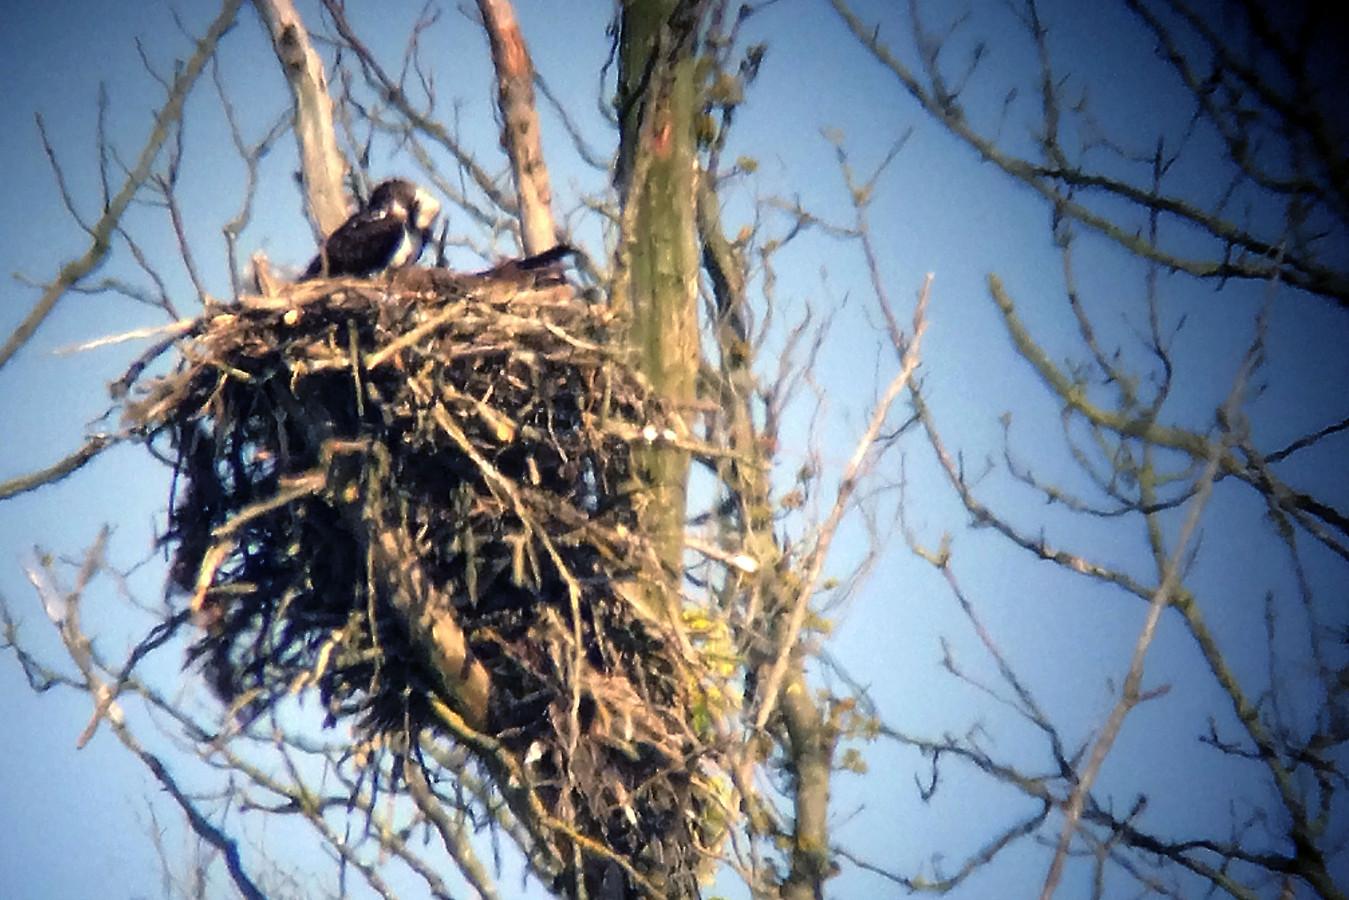 BIESBOSCH - Archieffoto 2017. Een visarend buigt over het nest waar zijn vrouwtje zit te broeden.